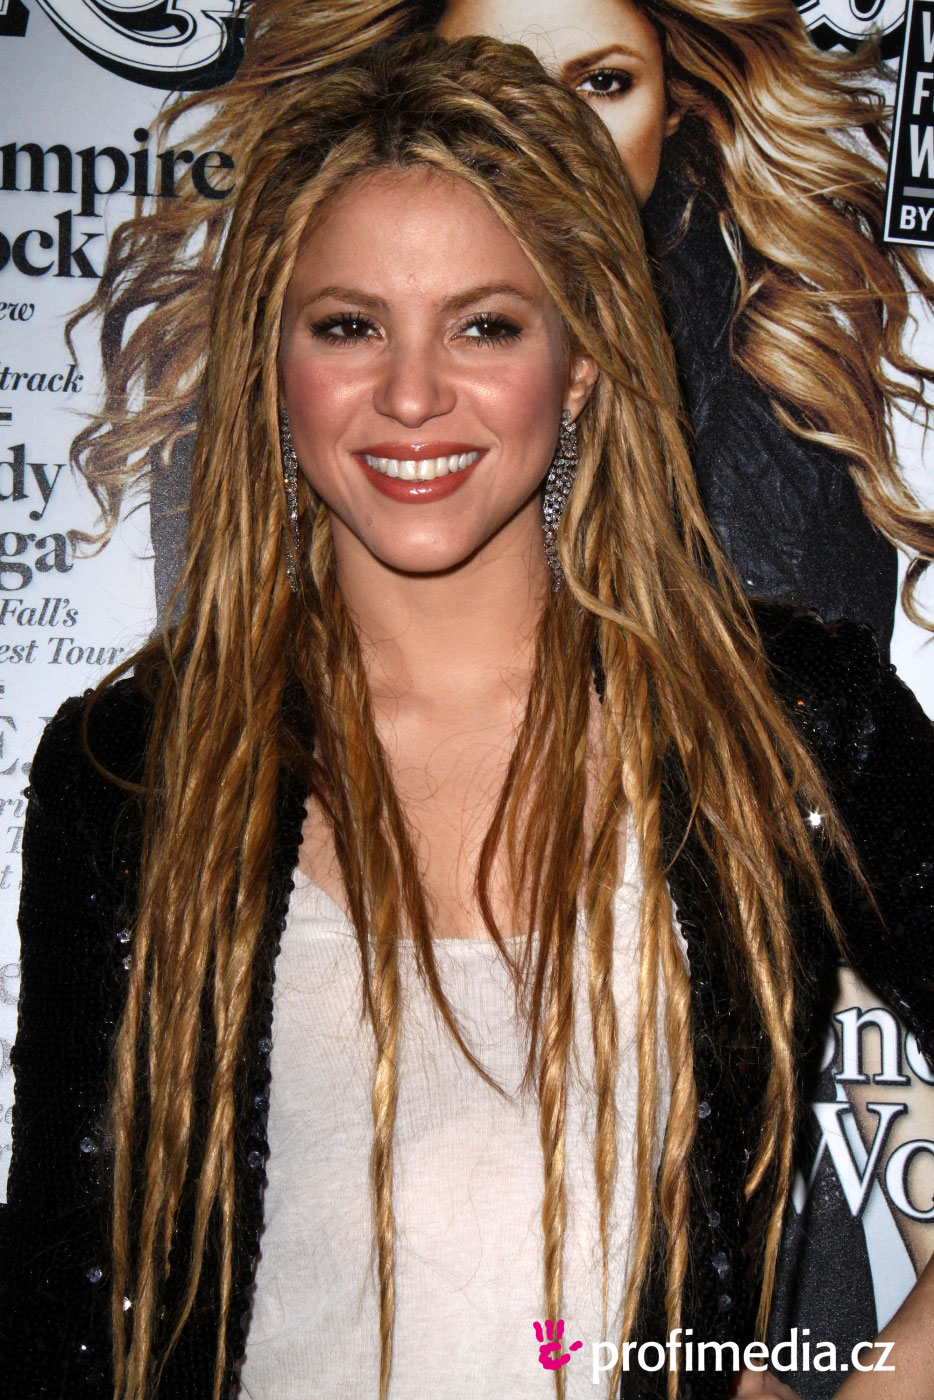 Shakira Hairstyles - Hairstyles666